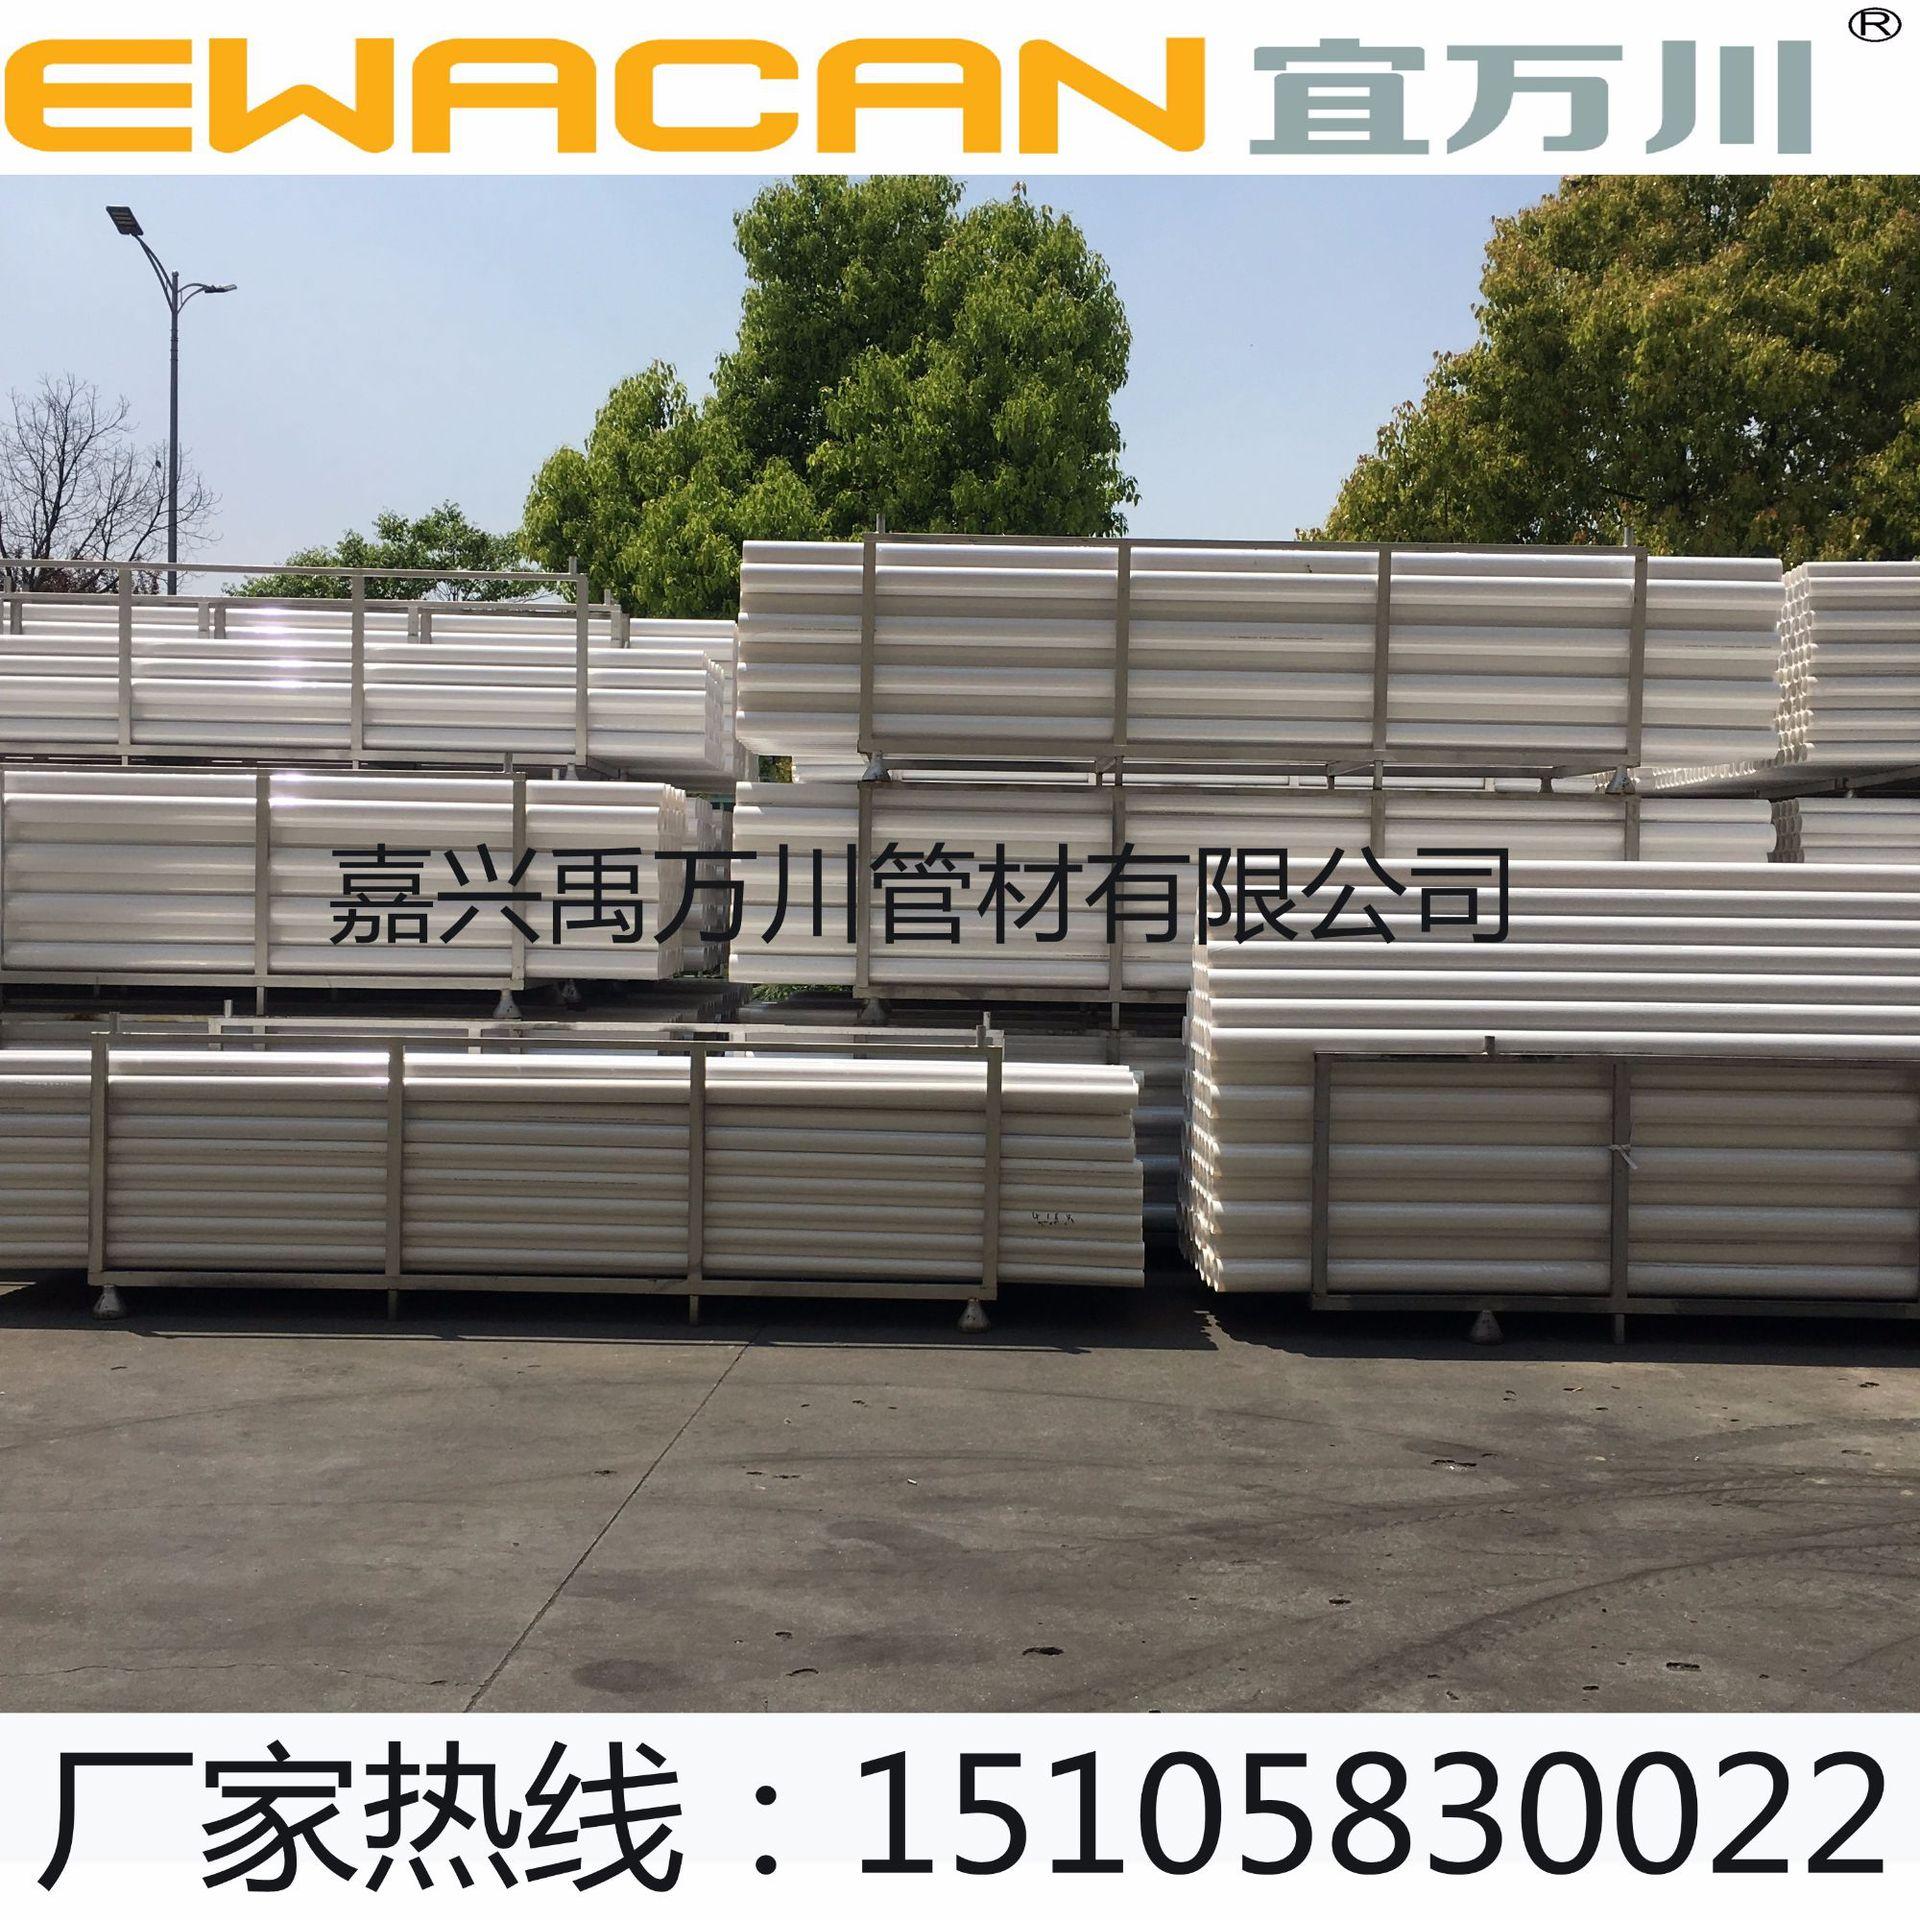 郑州HDPE沟槽式静音排水管,沟槽式排水管,卡箍连接,宜万川厂家示例图3